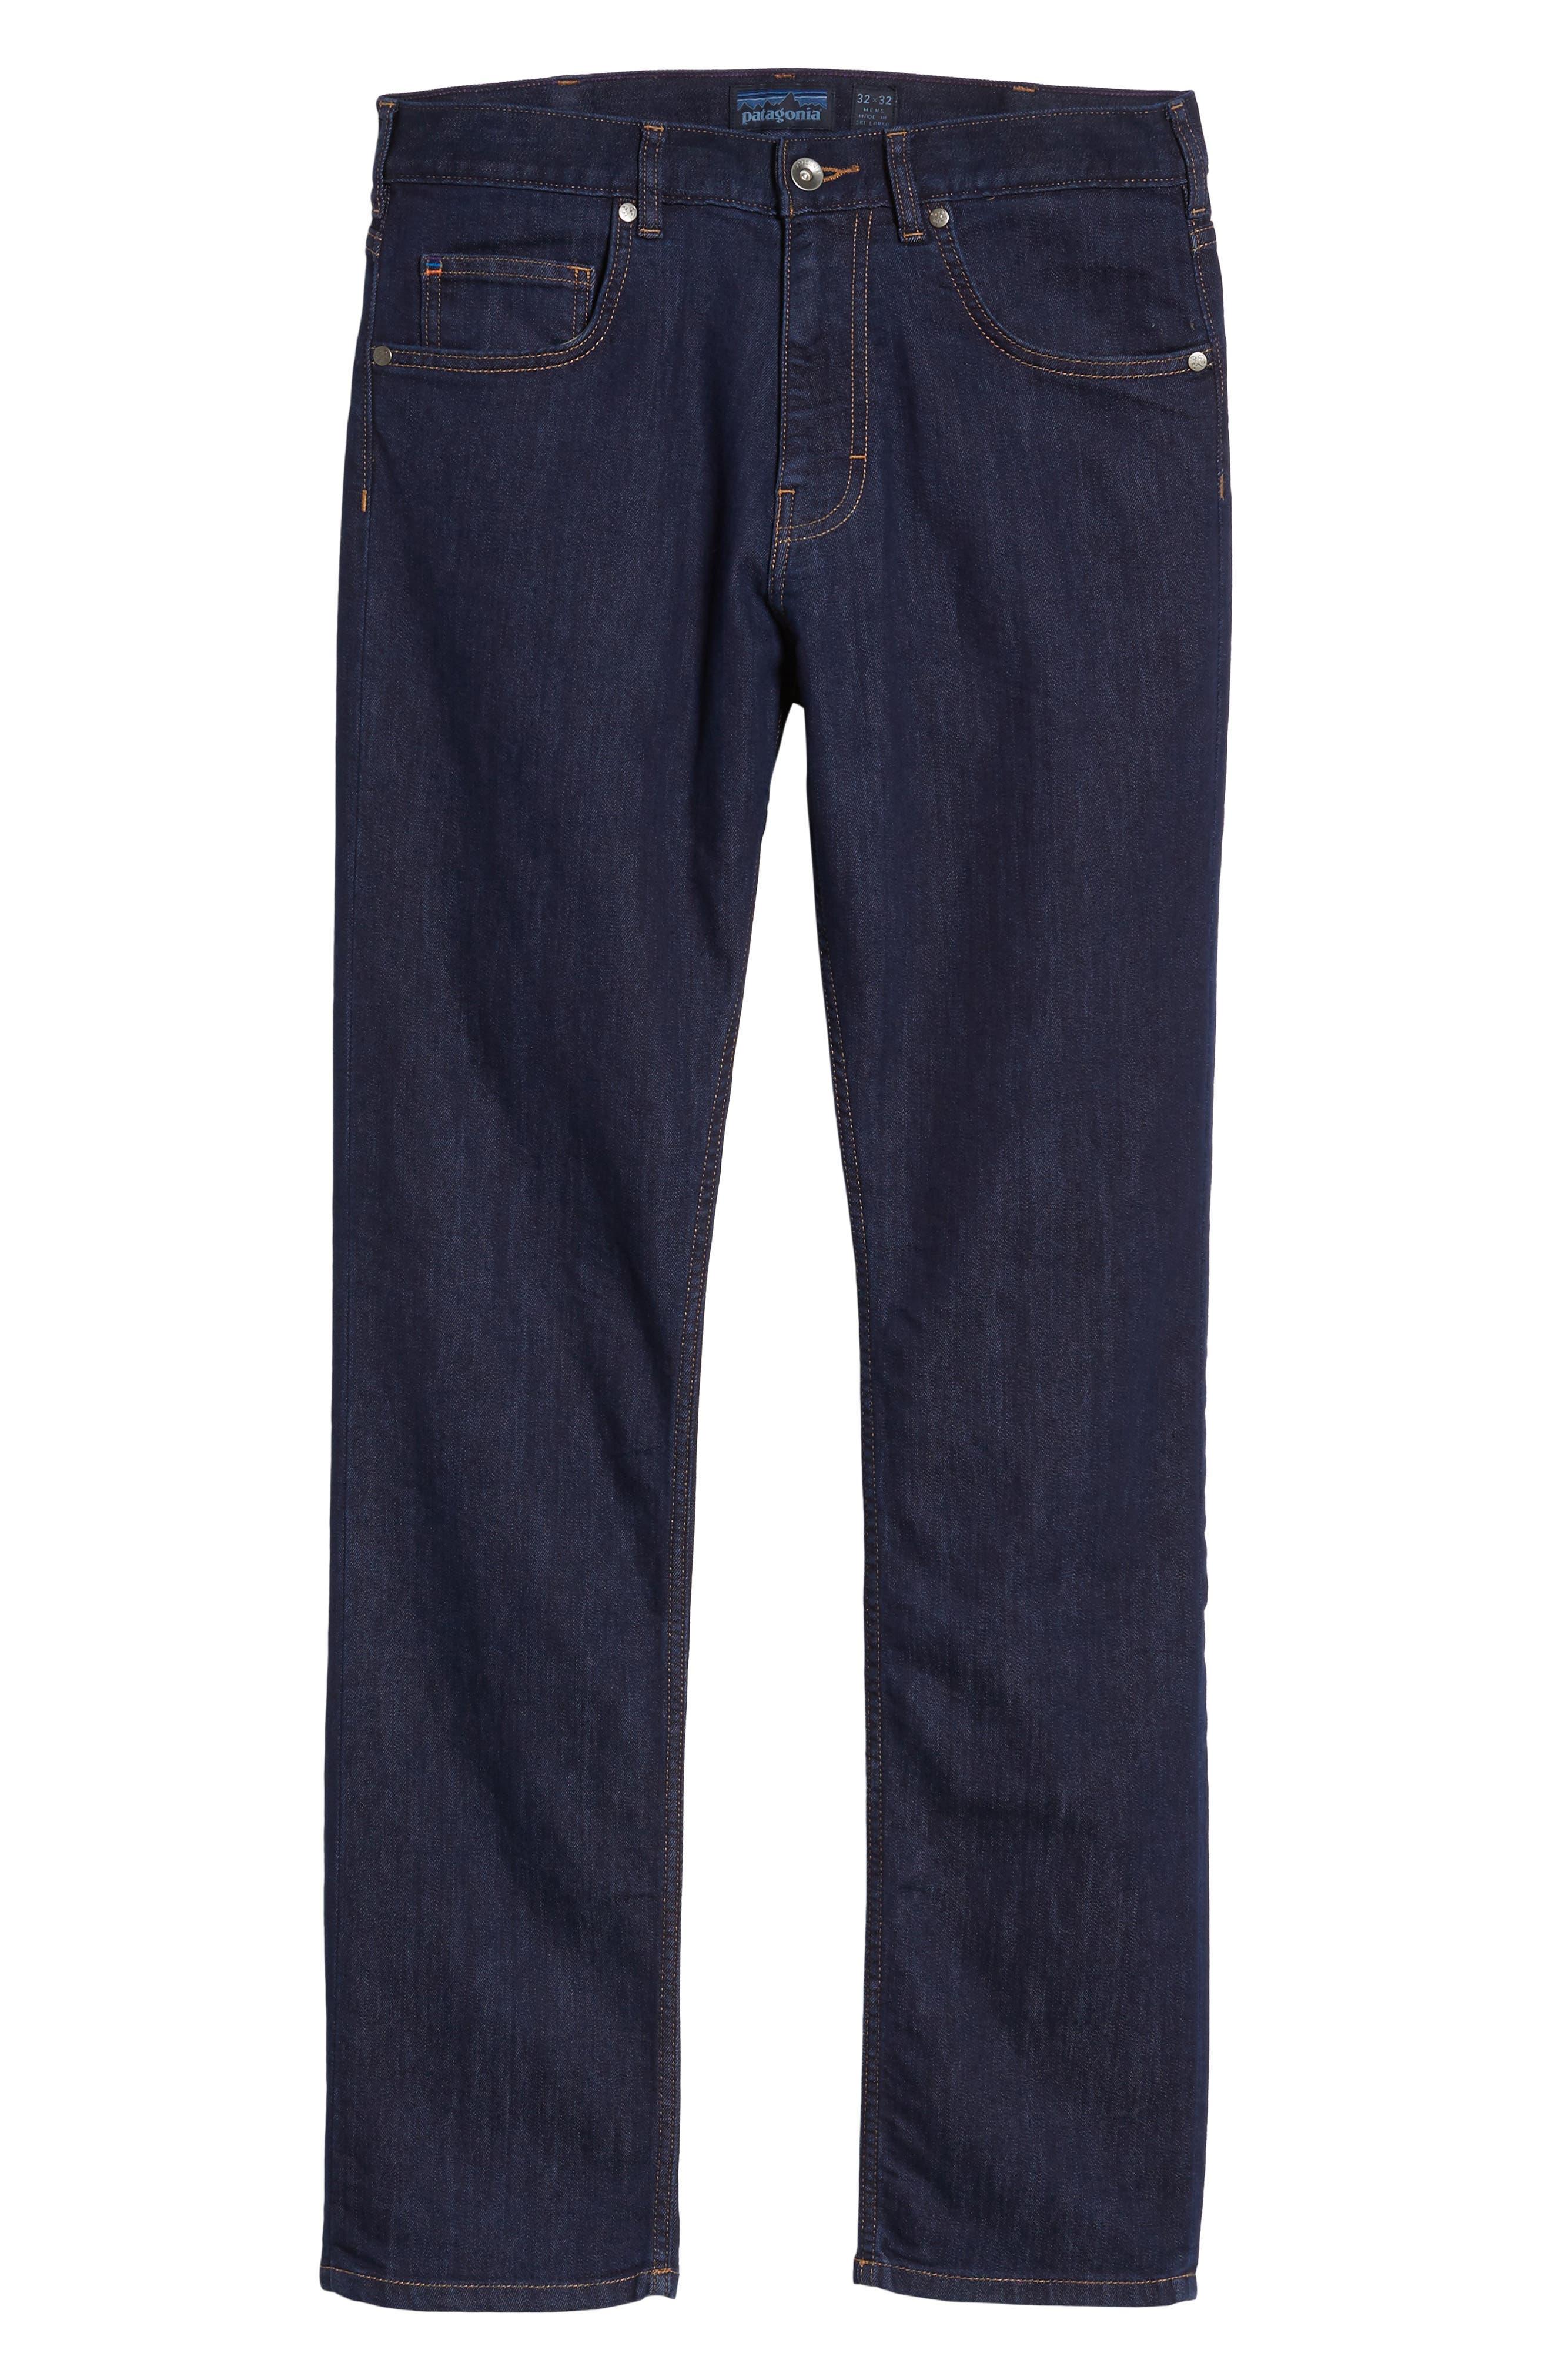 Straight Leg Performance Jeans,                             Alternate thumbnail 6, color,                             DARK DENIM